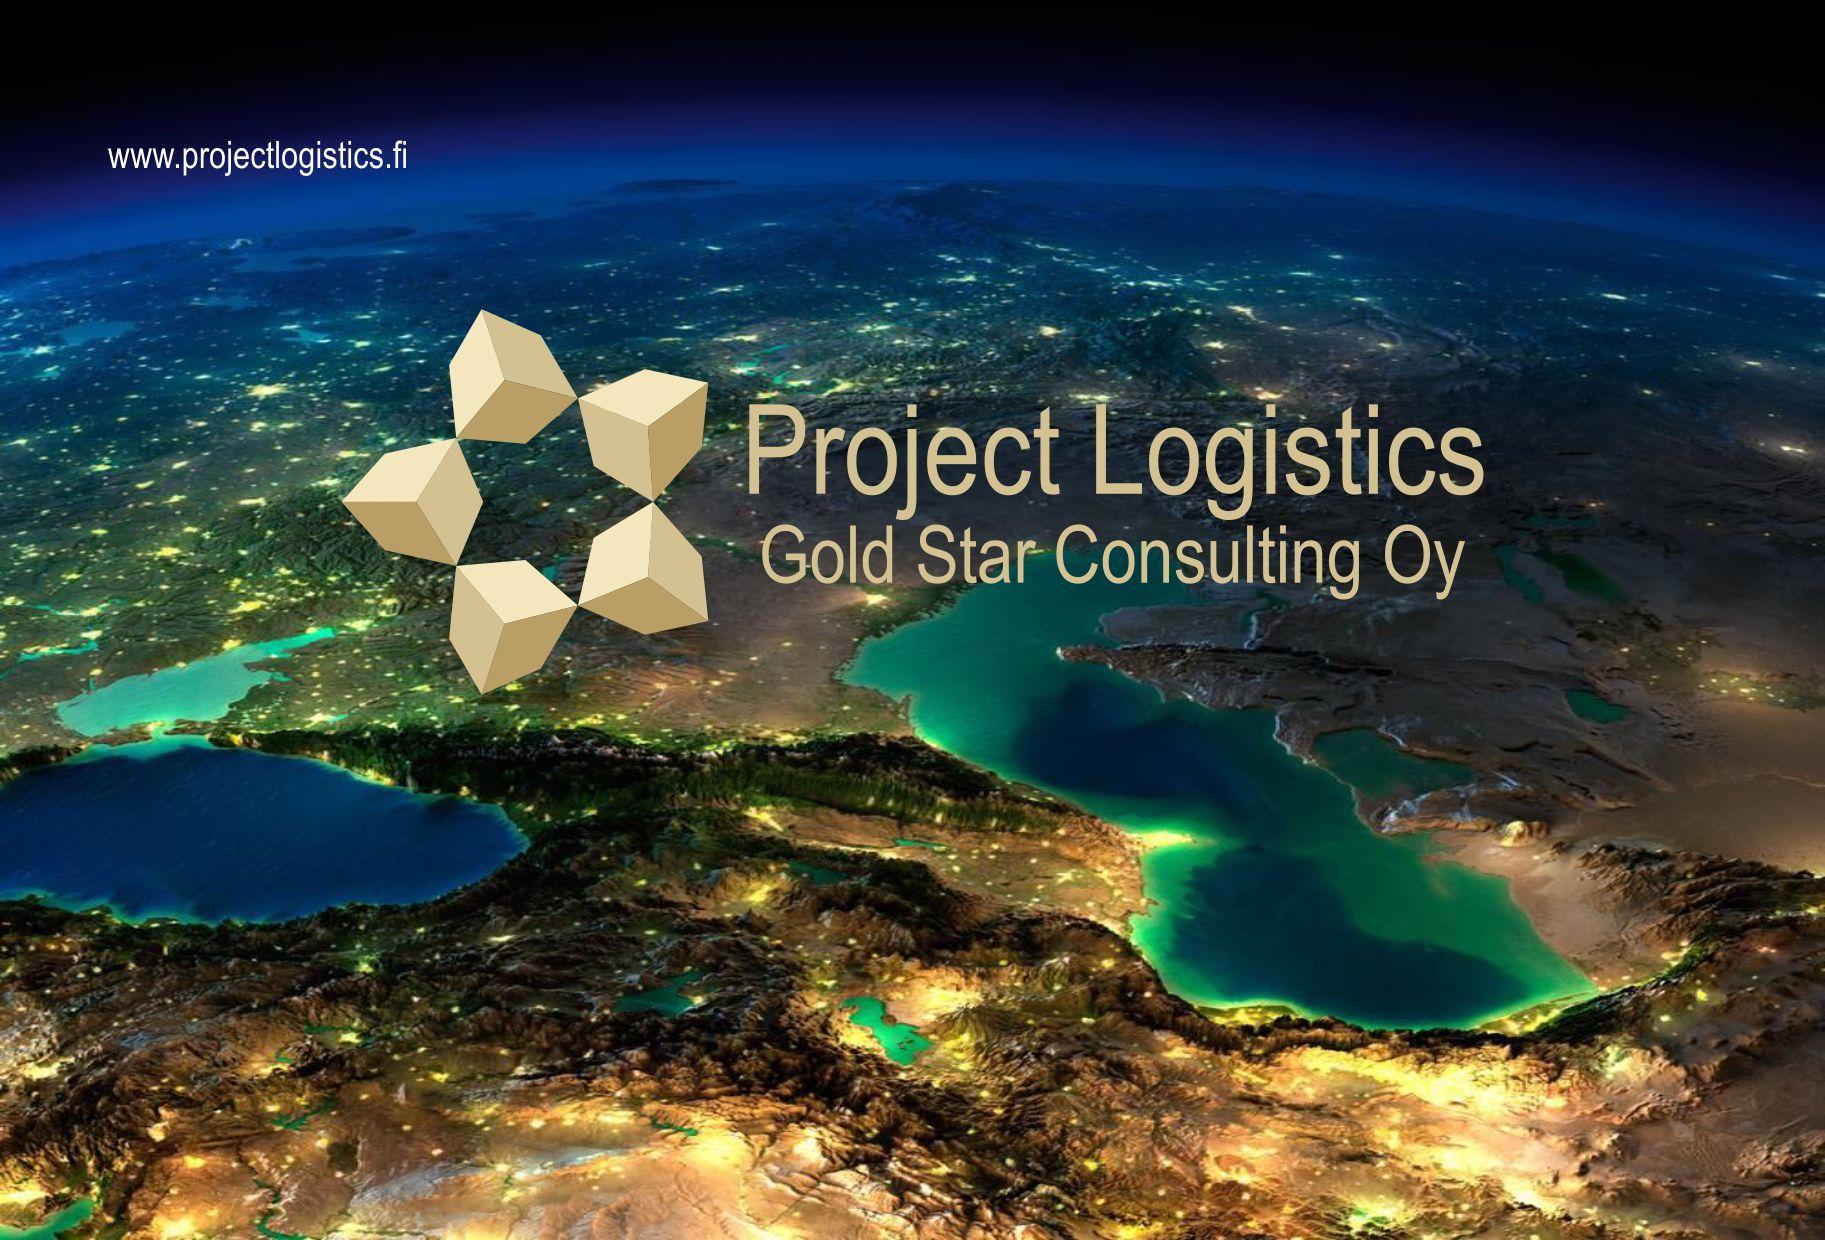 GoldStarConsultingOy